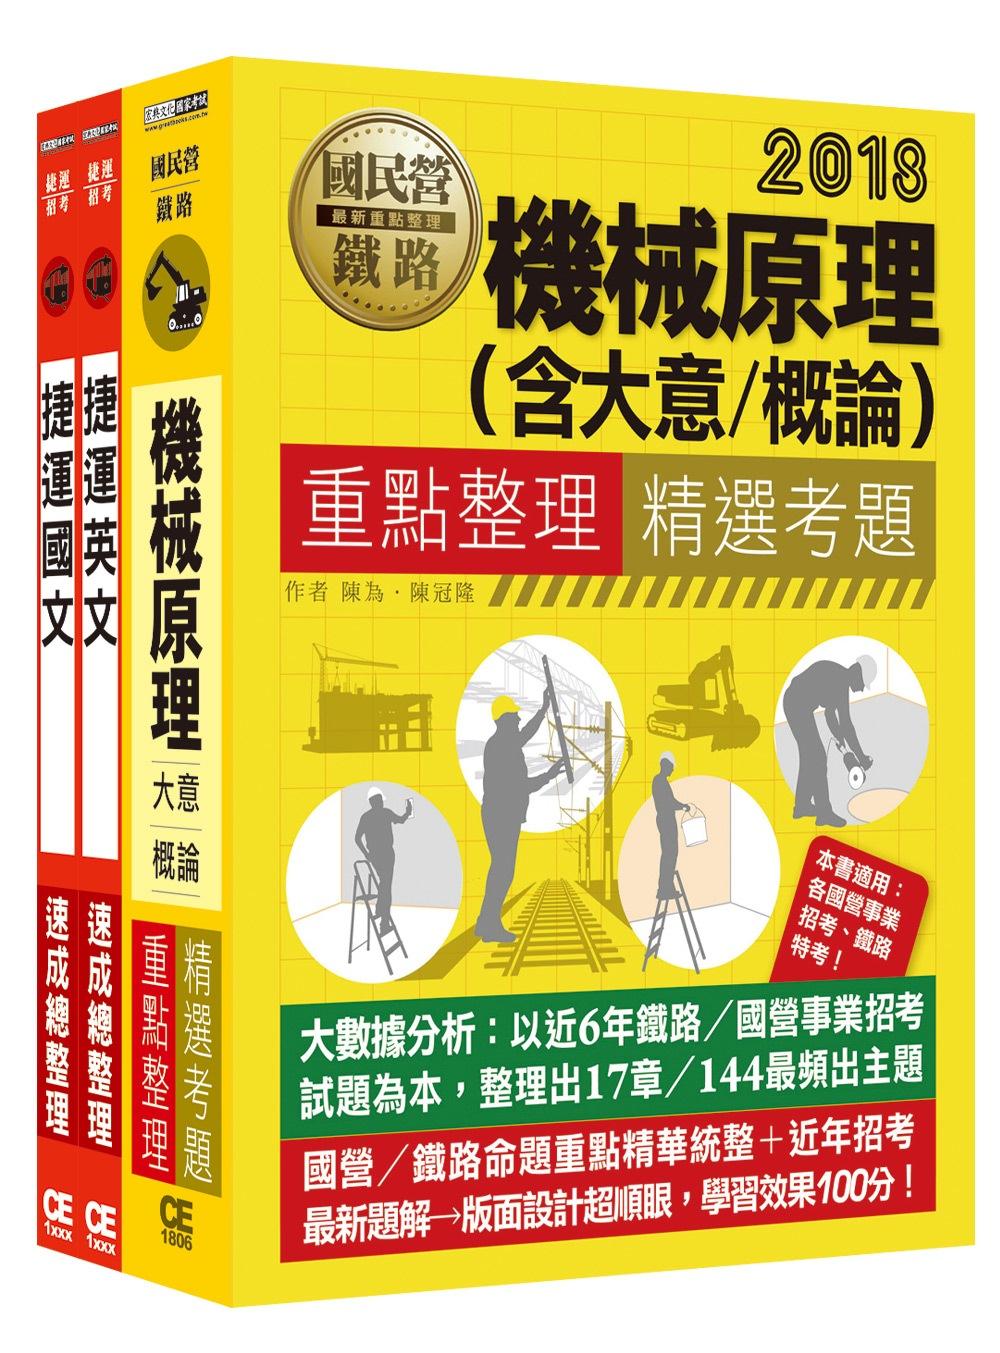 107臺北捷運公司招考套書(適用類組:A13技術員機械維修類、A14技術員機械維修高空類)